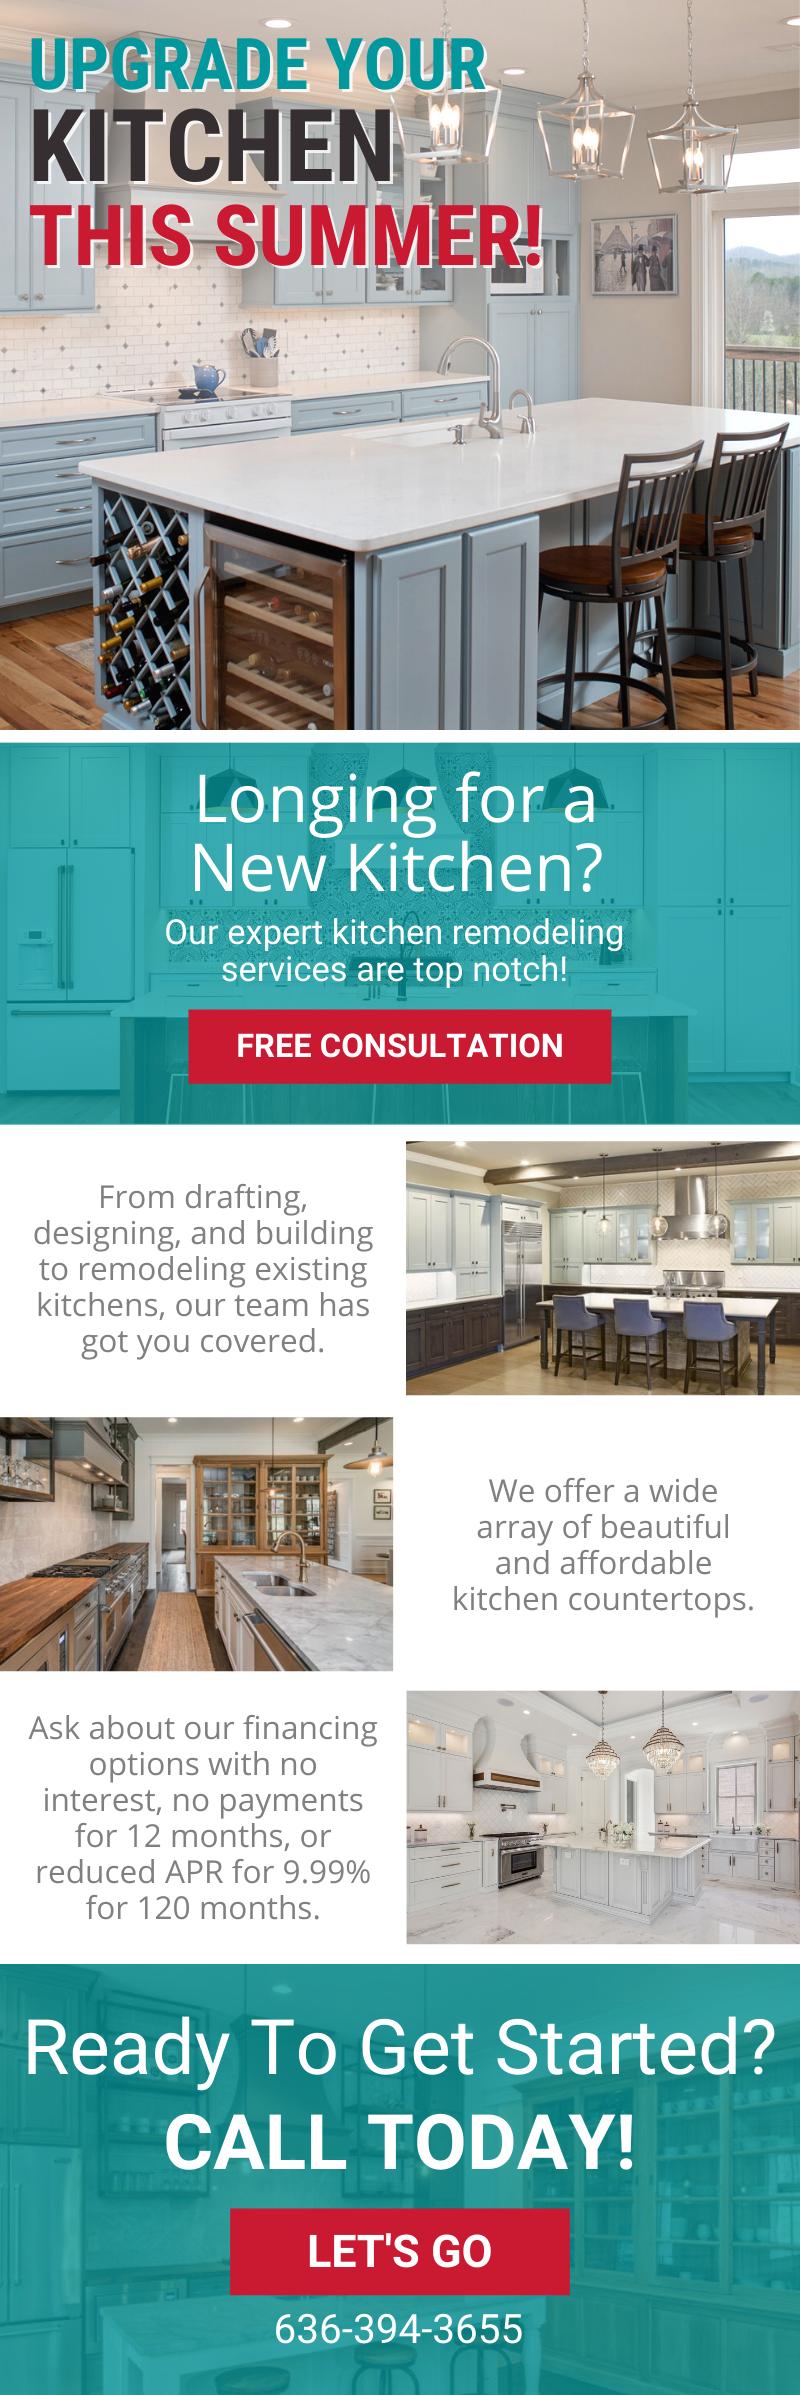 Summer Kitchen Upgrades! ☀️ 3